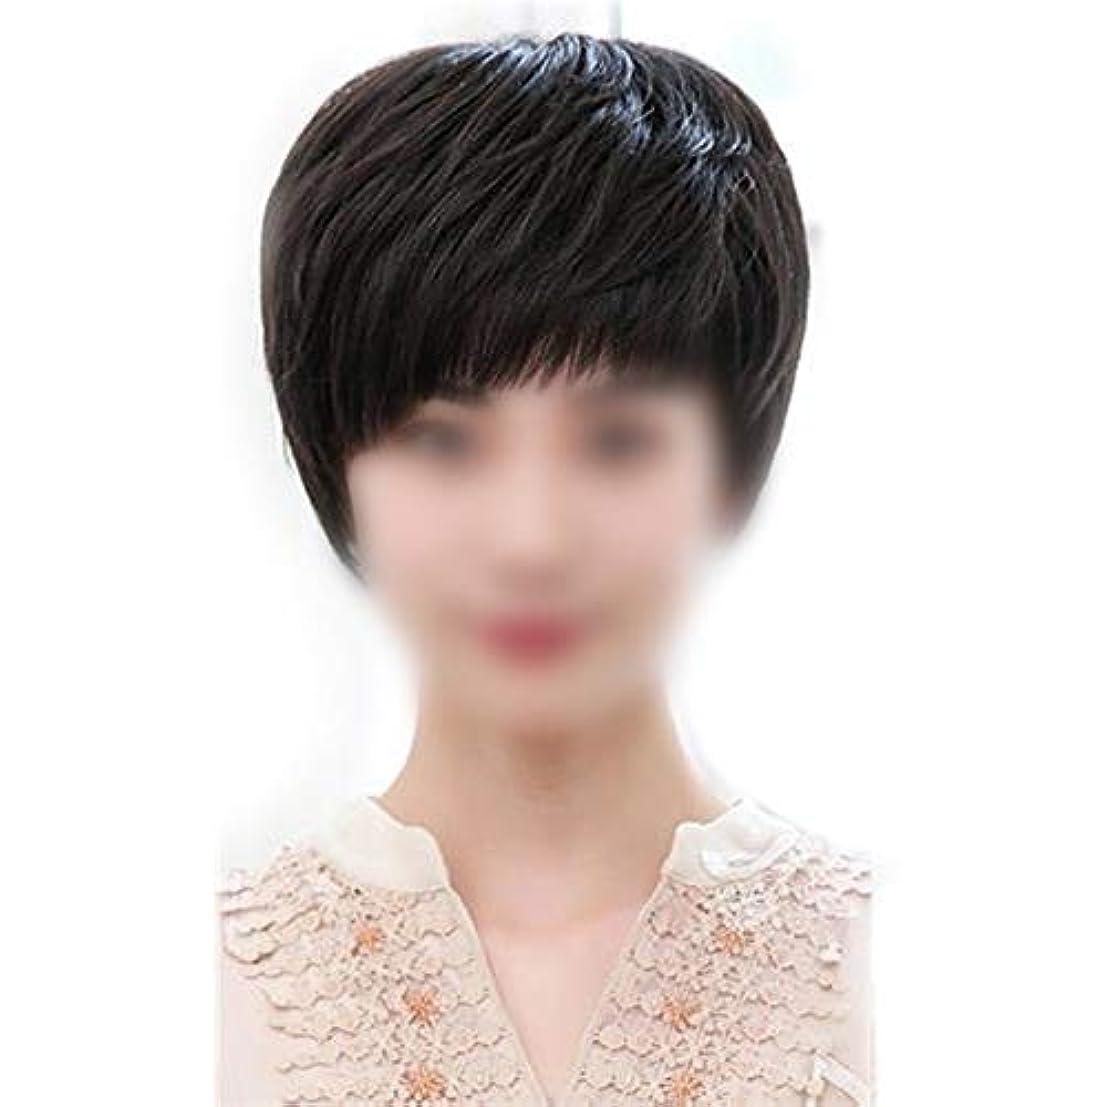 残酷なパスタ平らにするYOUQIU 中年ウィッグ女性の自然な手織りの実髪ショートカーリーヘアウィッグ (色 : Natural black)